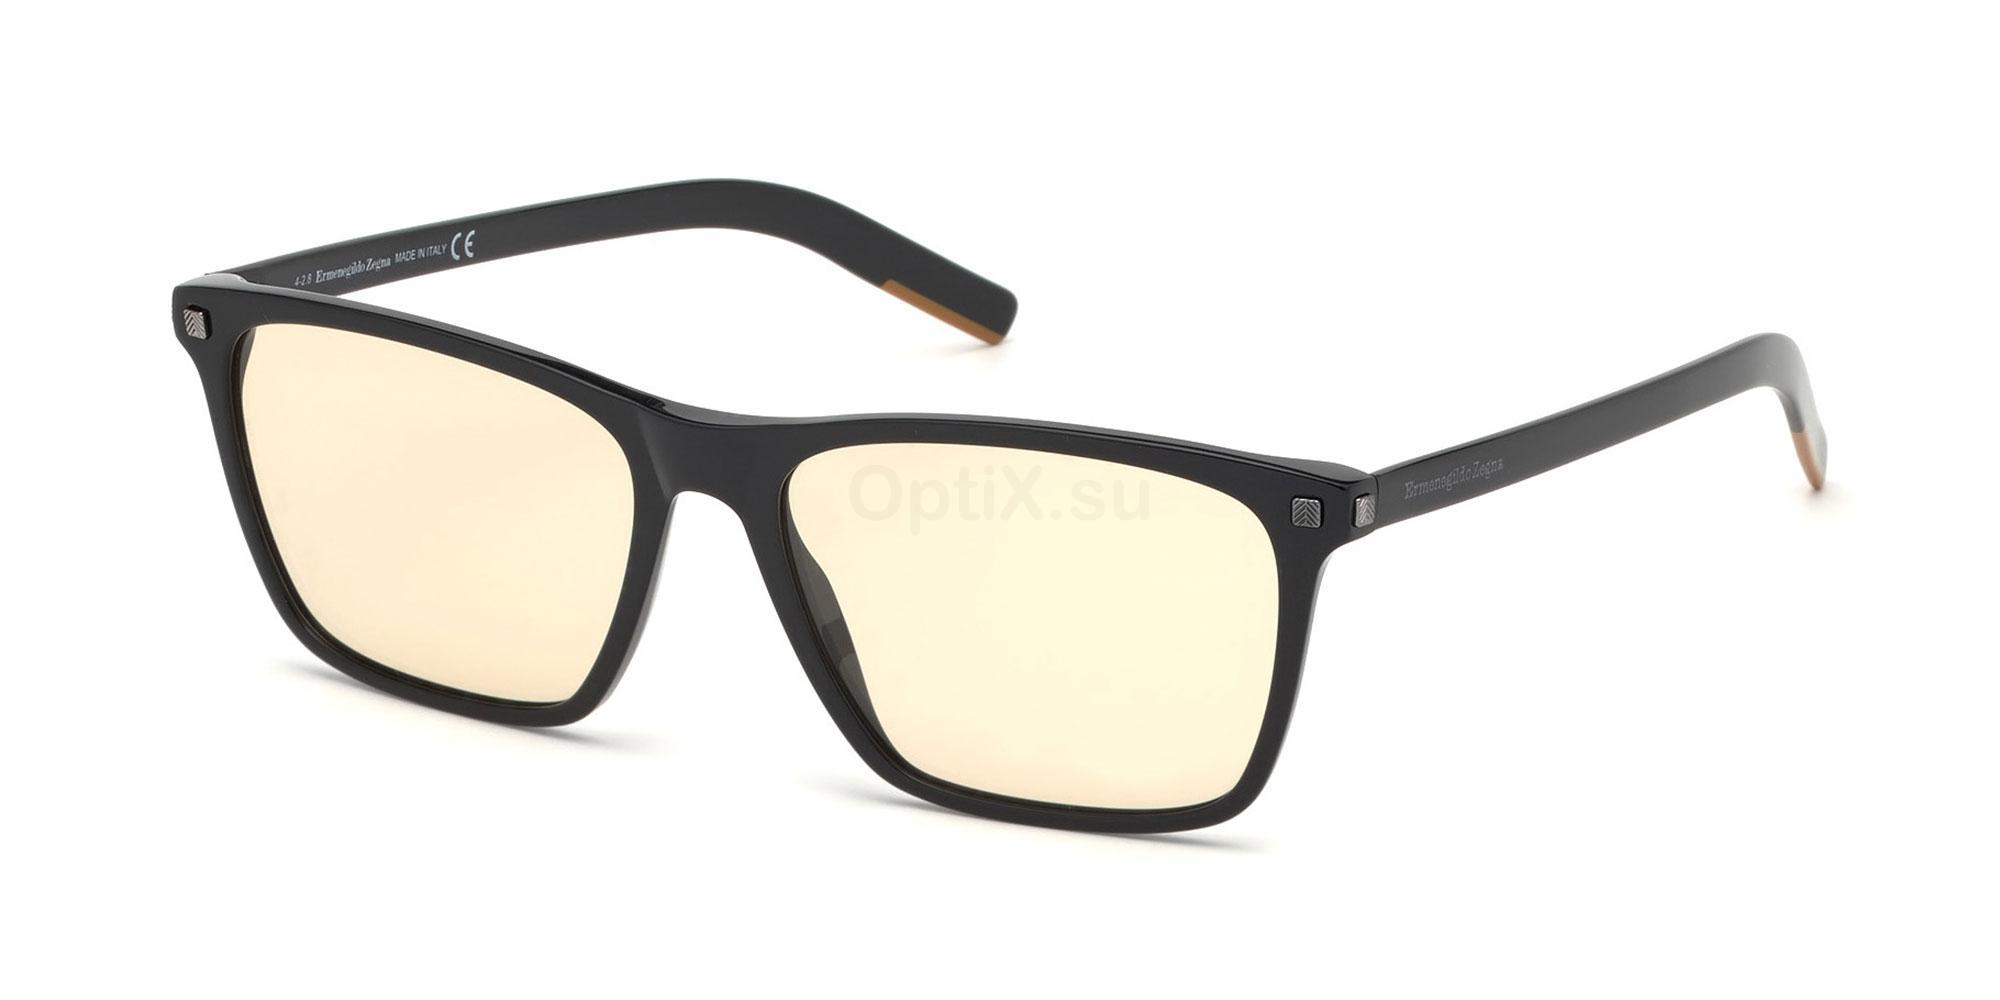 001 EZ5161 Glasses, Ermenegildo Zegna